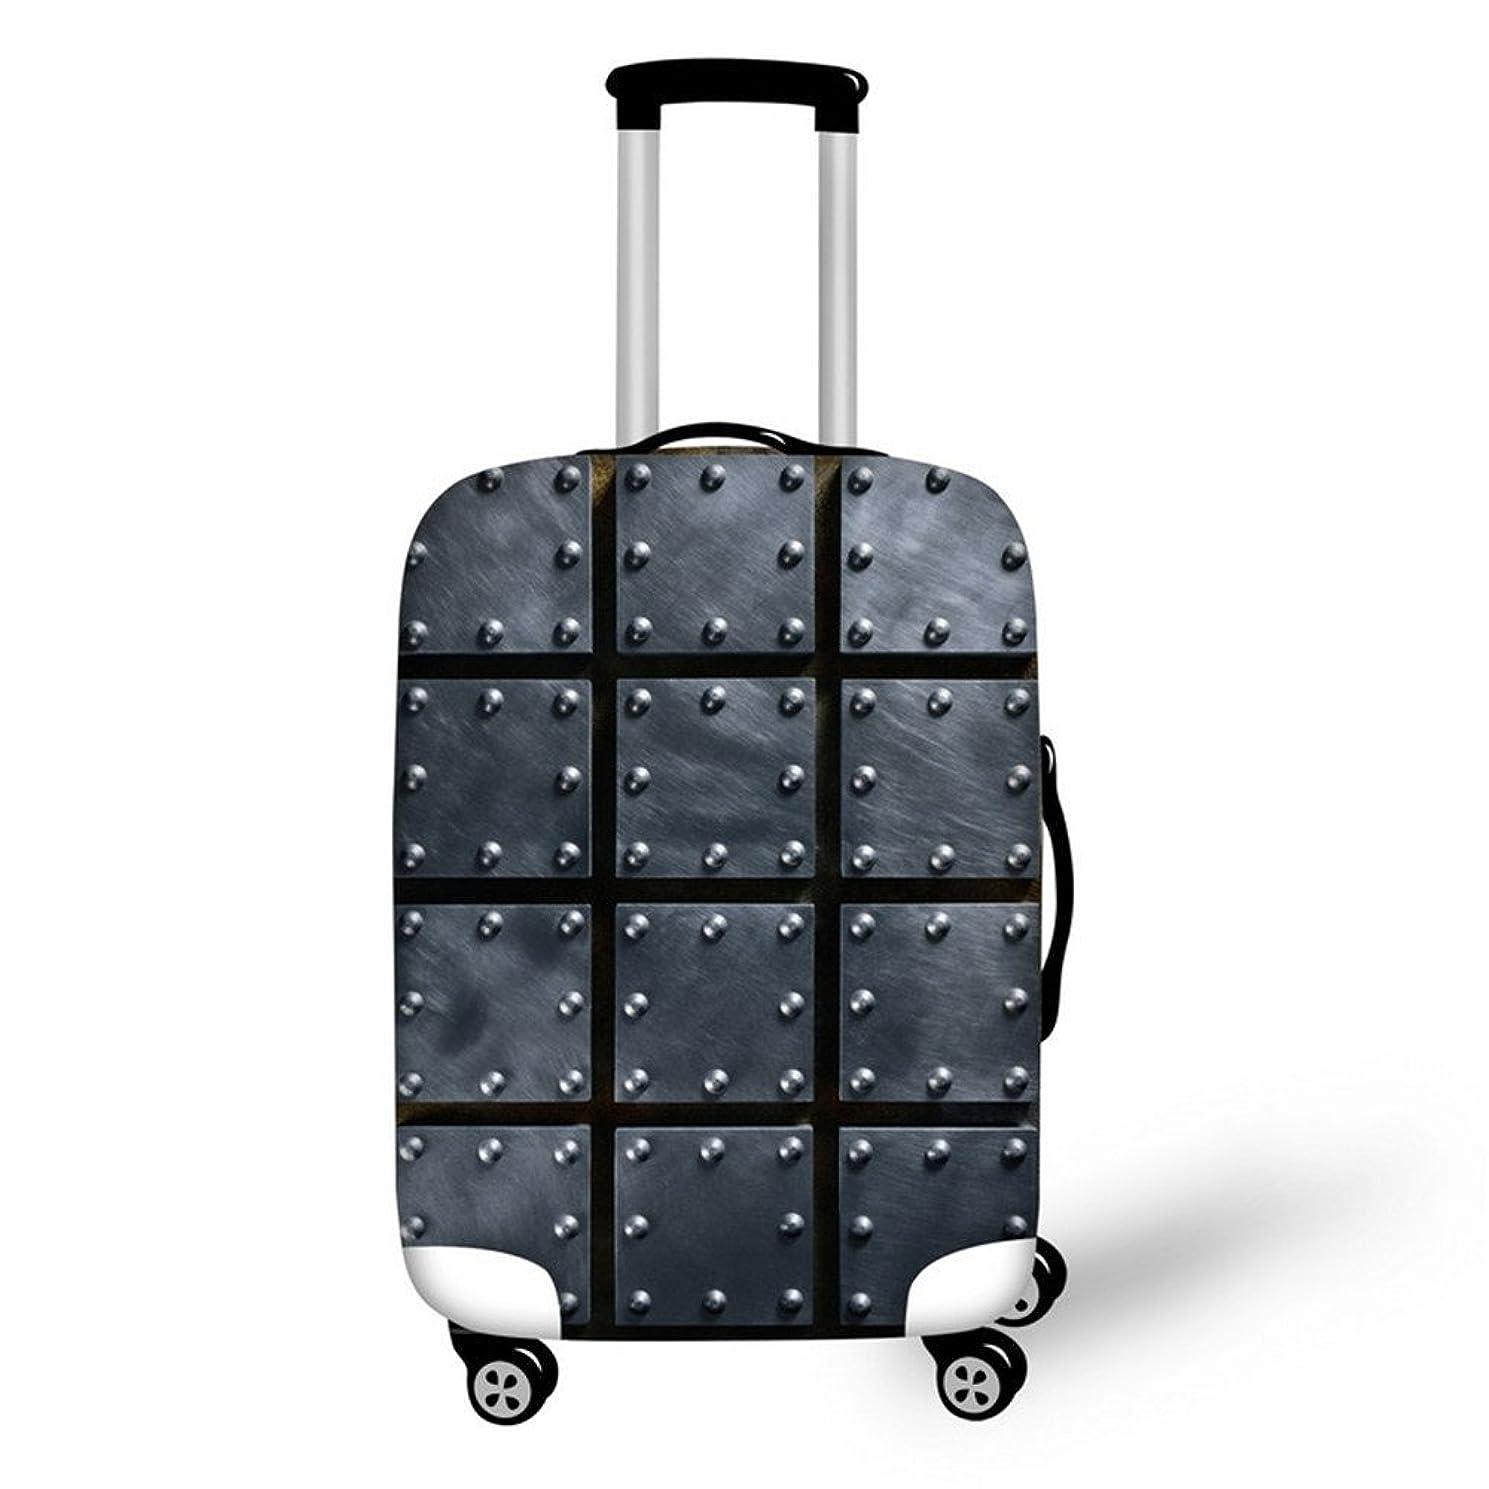 バスト定規安定しましたBigcardesigns スーツケースカバー 伸縮素材 通学 個性 旅行 金属風 S/M/Lサイズ